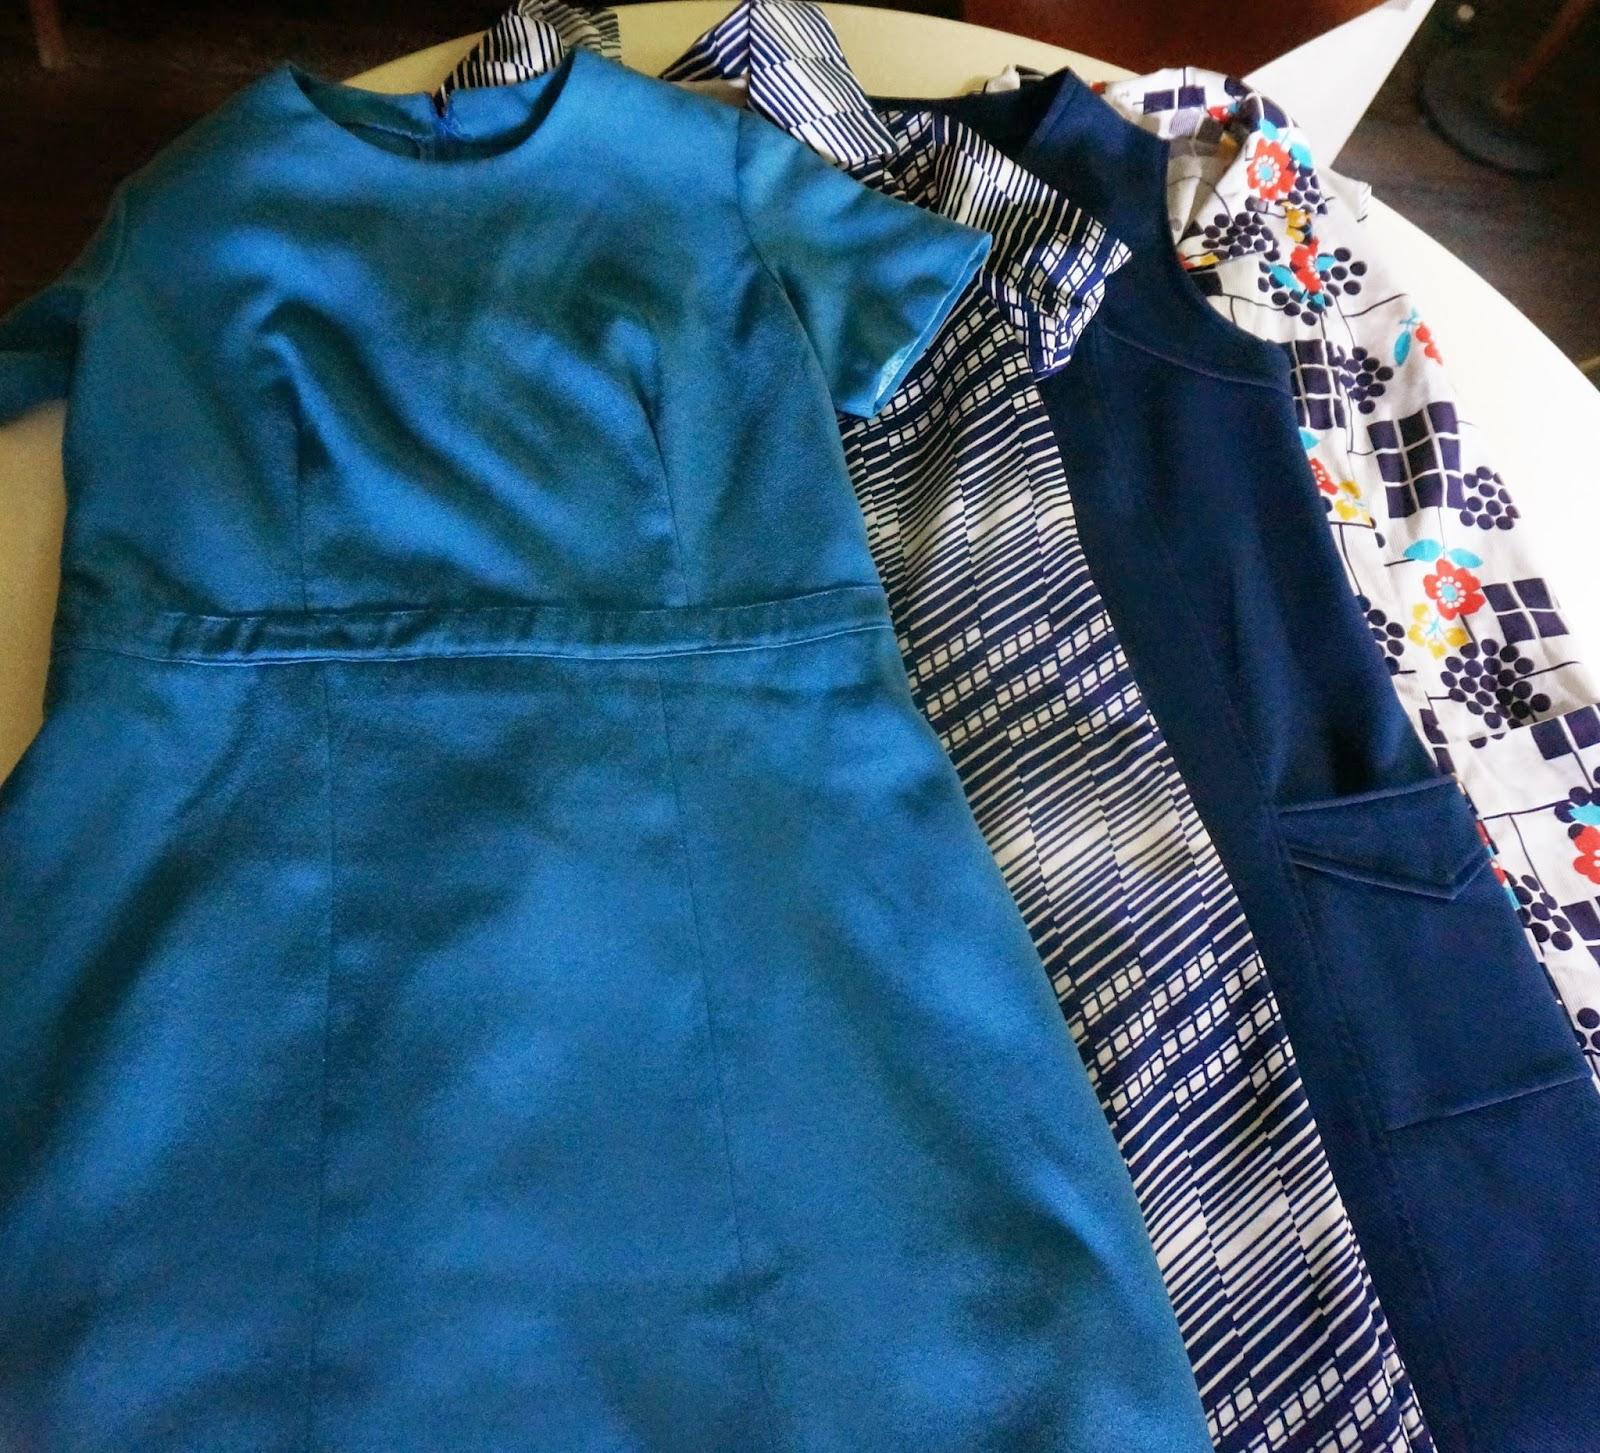 60s Genie bottle   blue 60s and 70s dresses  lampe Genie  1960 robes années 60 et 70 blue mid century glass art 1950 1960 1970 50s 60s 70s bouteille vintage verre